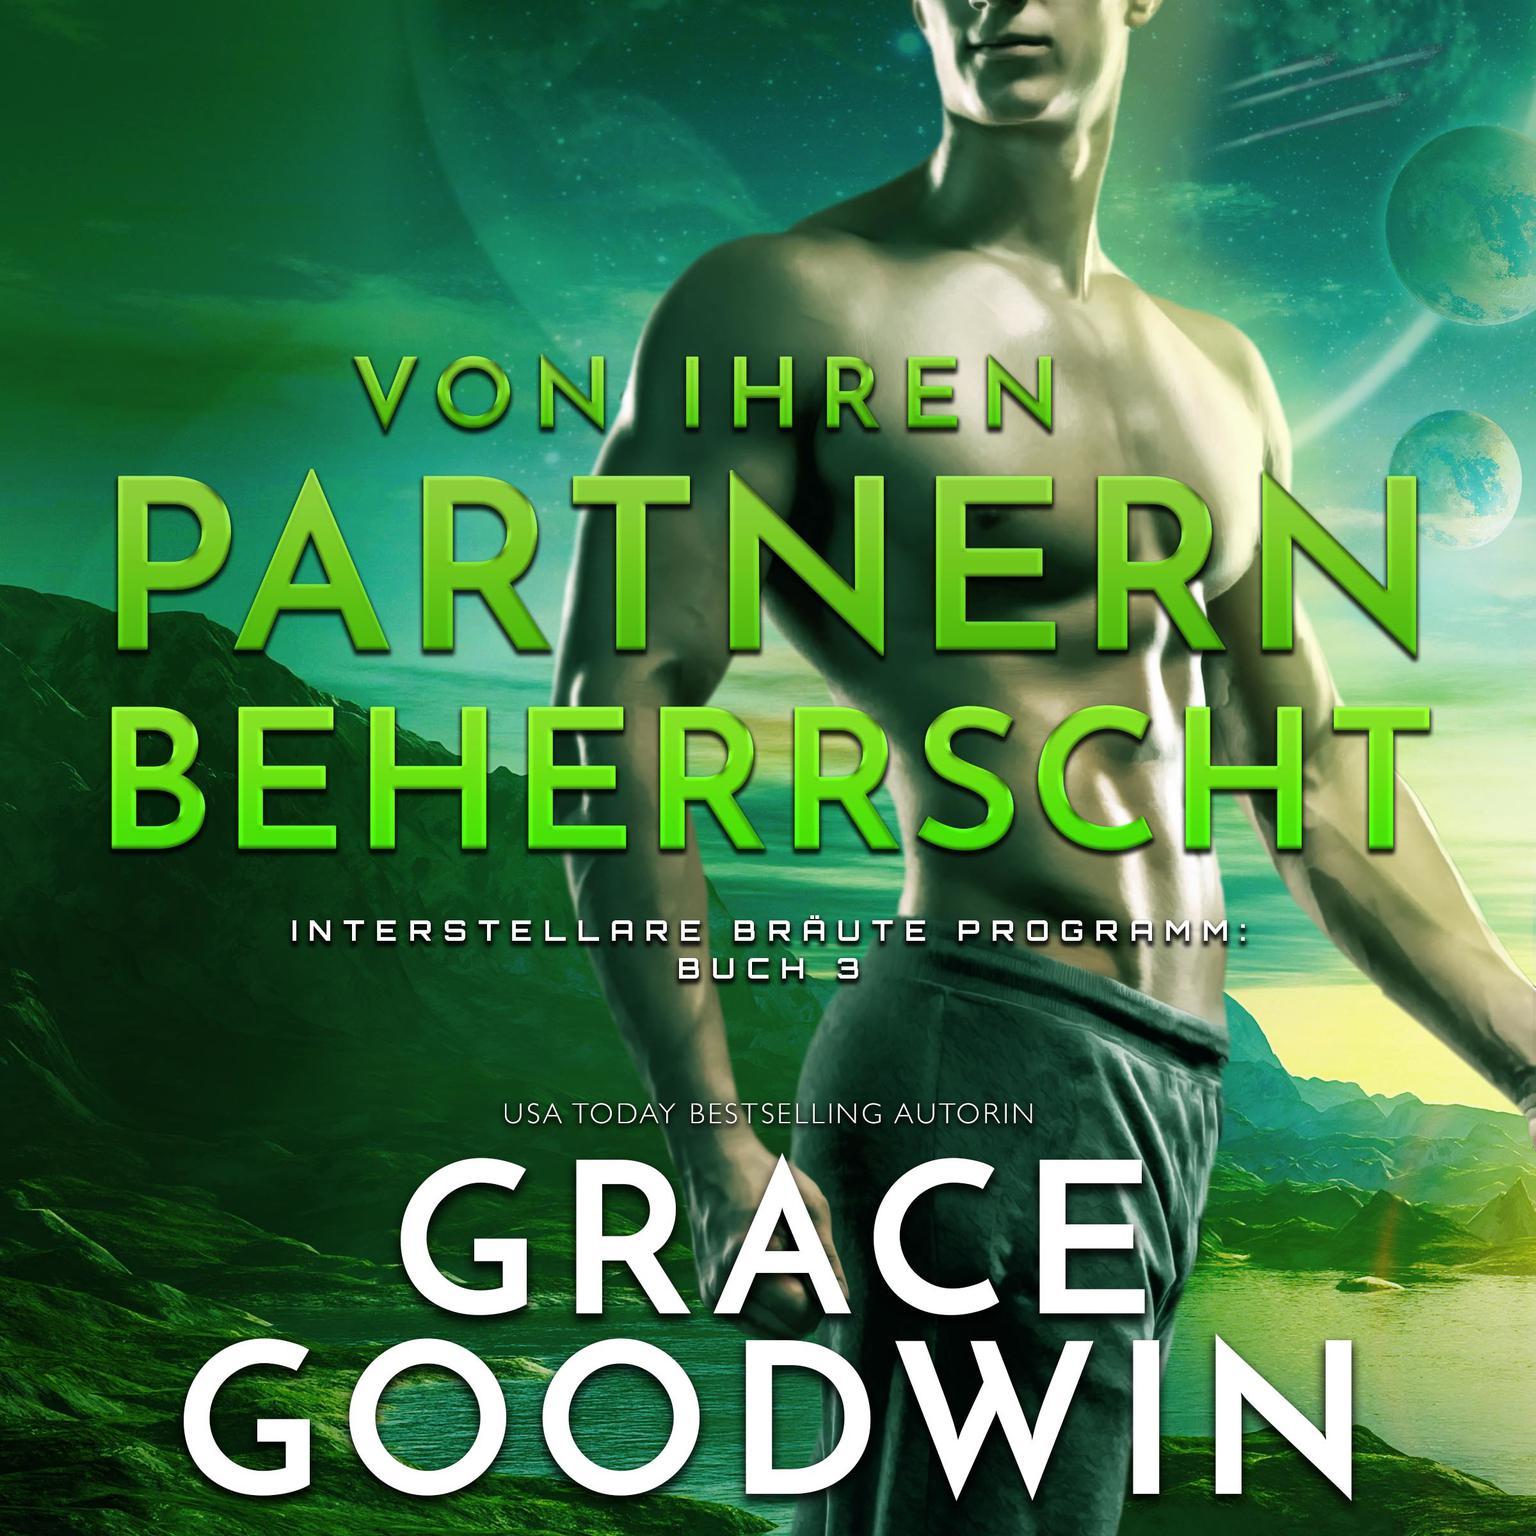 Von ihren Partnern beherrscht Audiobook, by Grace Goodwin